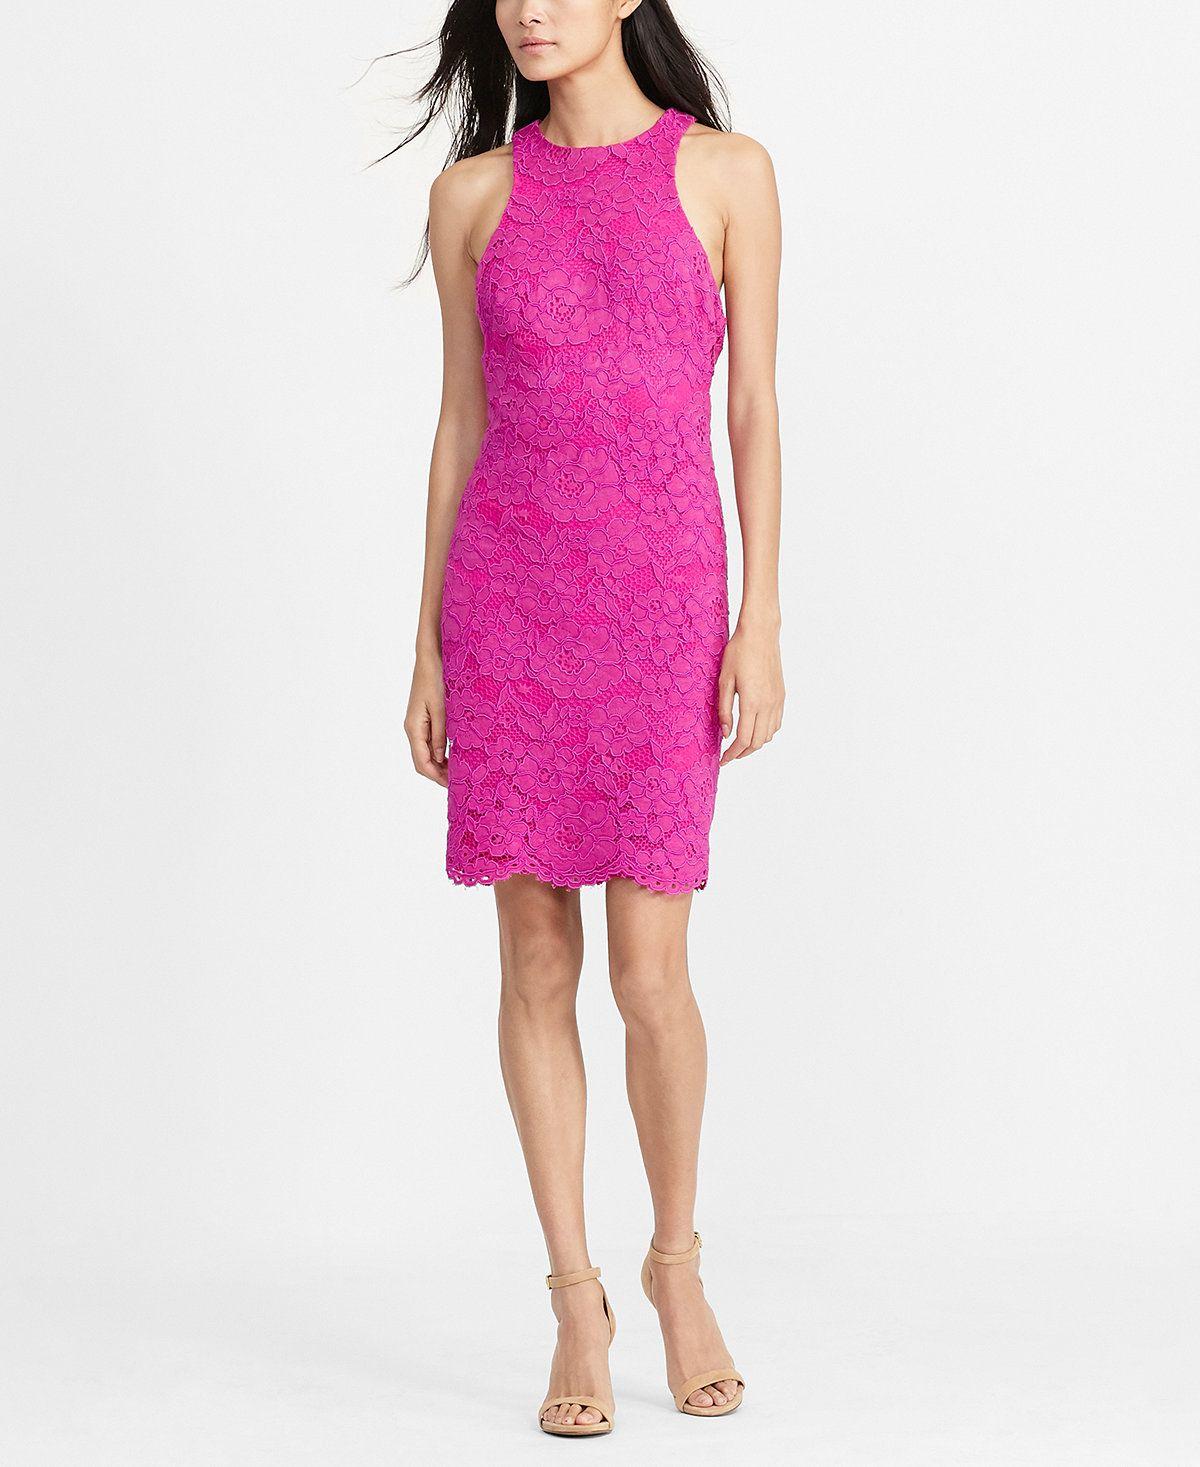 b50b9e364253 Lauren Ralph Lauren Floral-Lace Dress - Dresses - Women - Macy's Petite  Dresses,